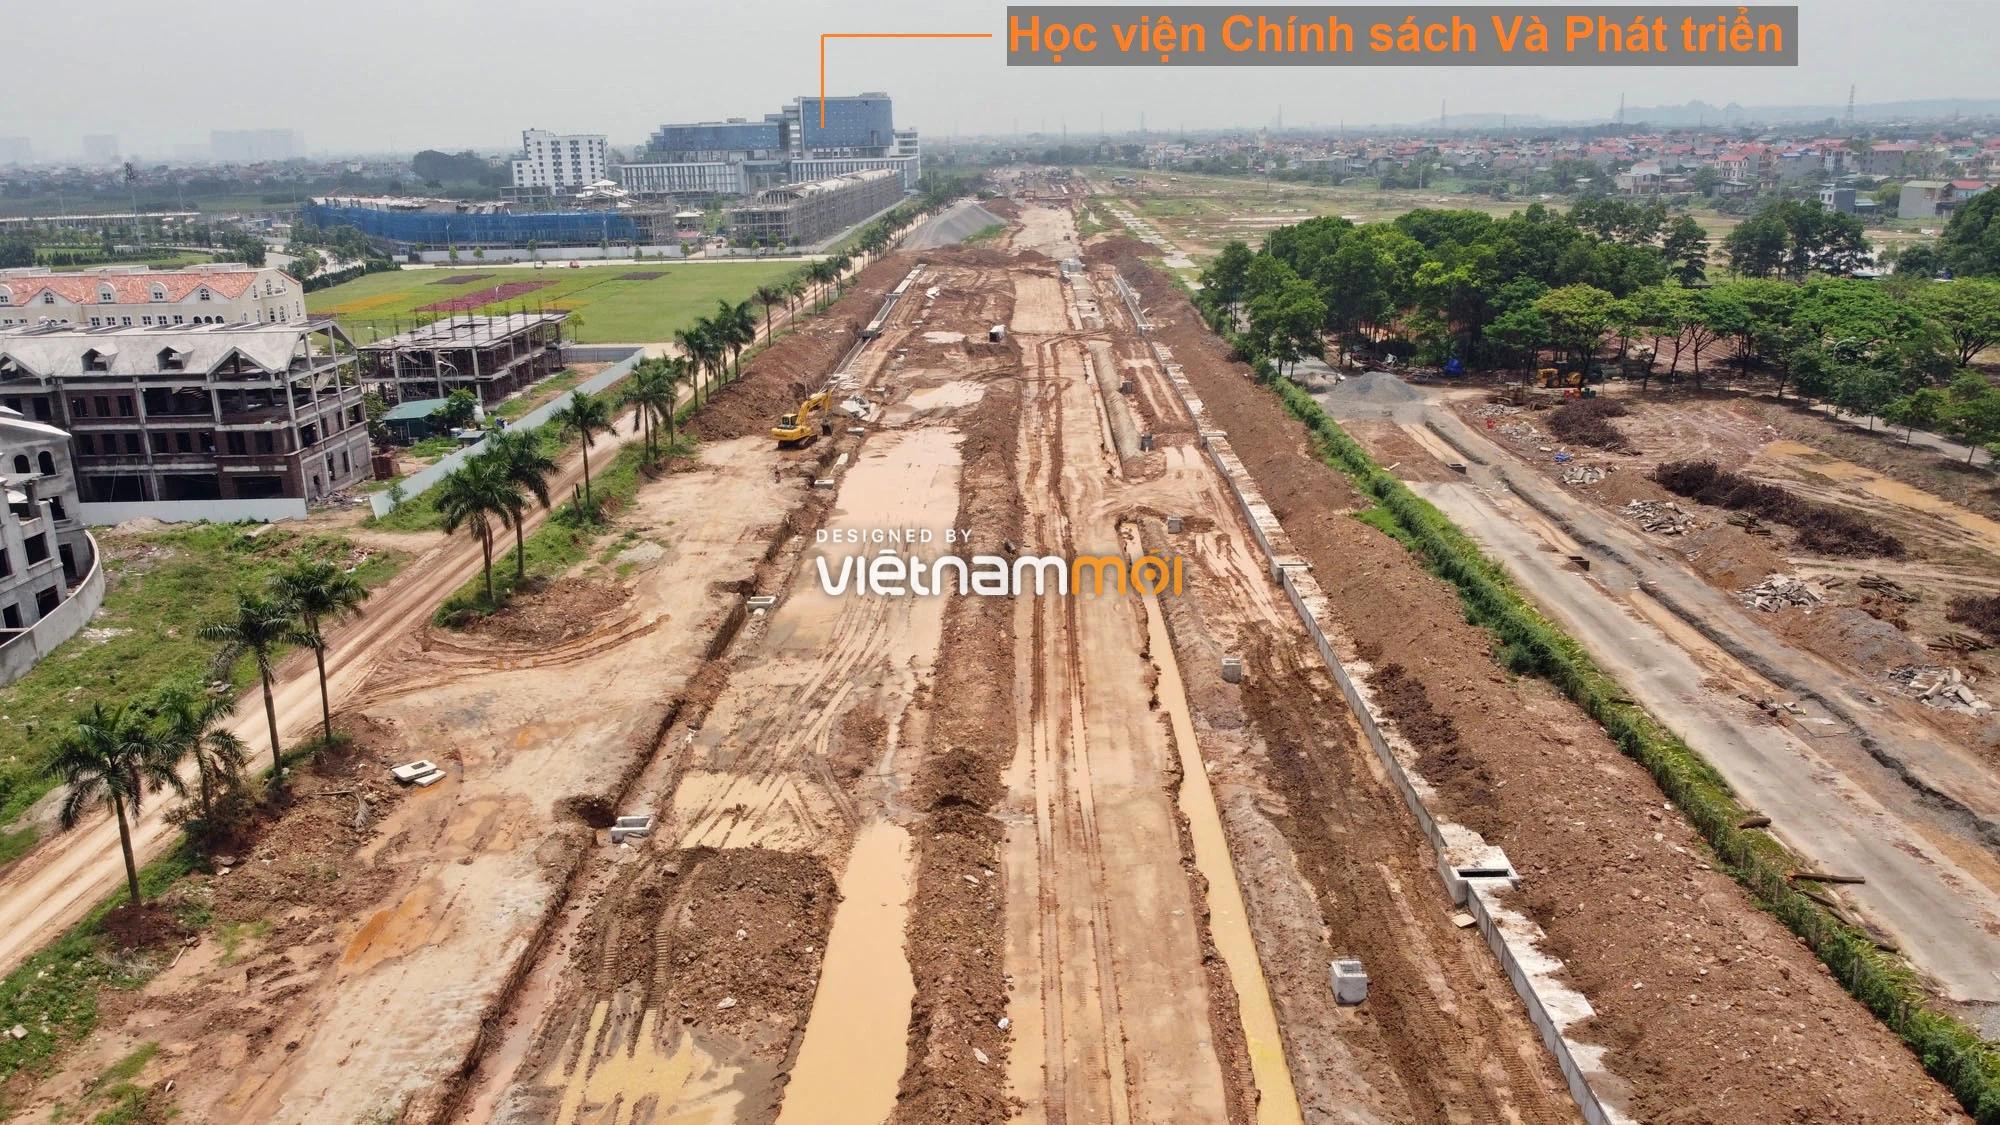 Toàn cảnh đường nối Đại lộ Thăng Long - tỉnh lộ 423 qua KĐT Nam An Khánh đang mở theo quy hoạch ở Hà Nội - Ảnh 8.